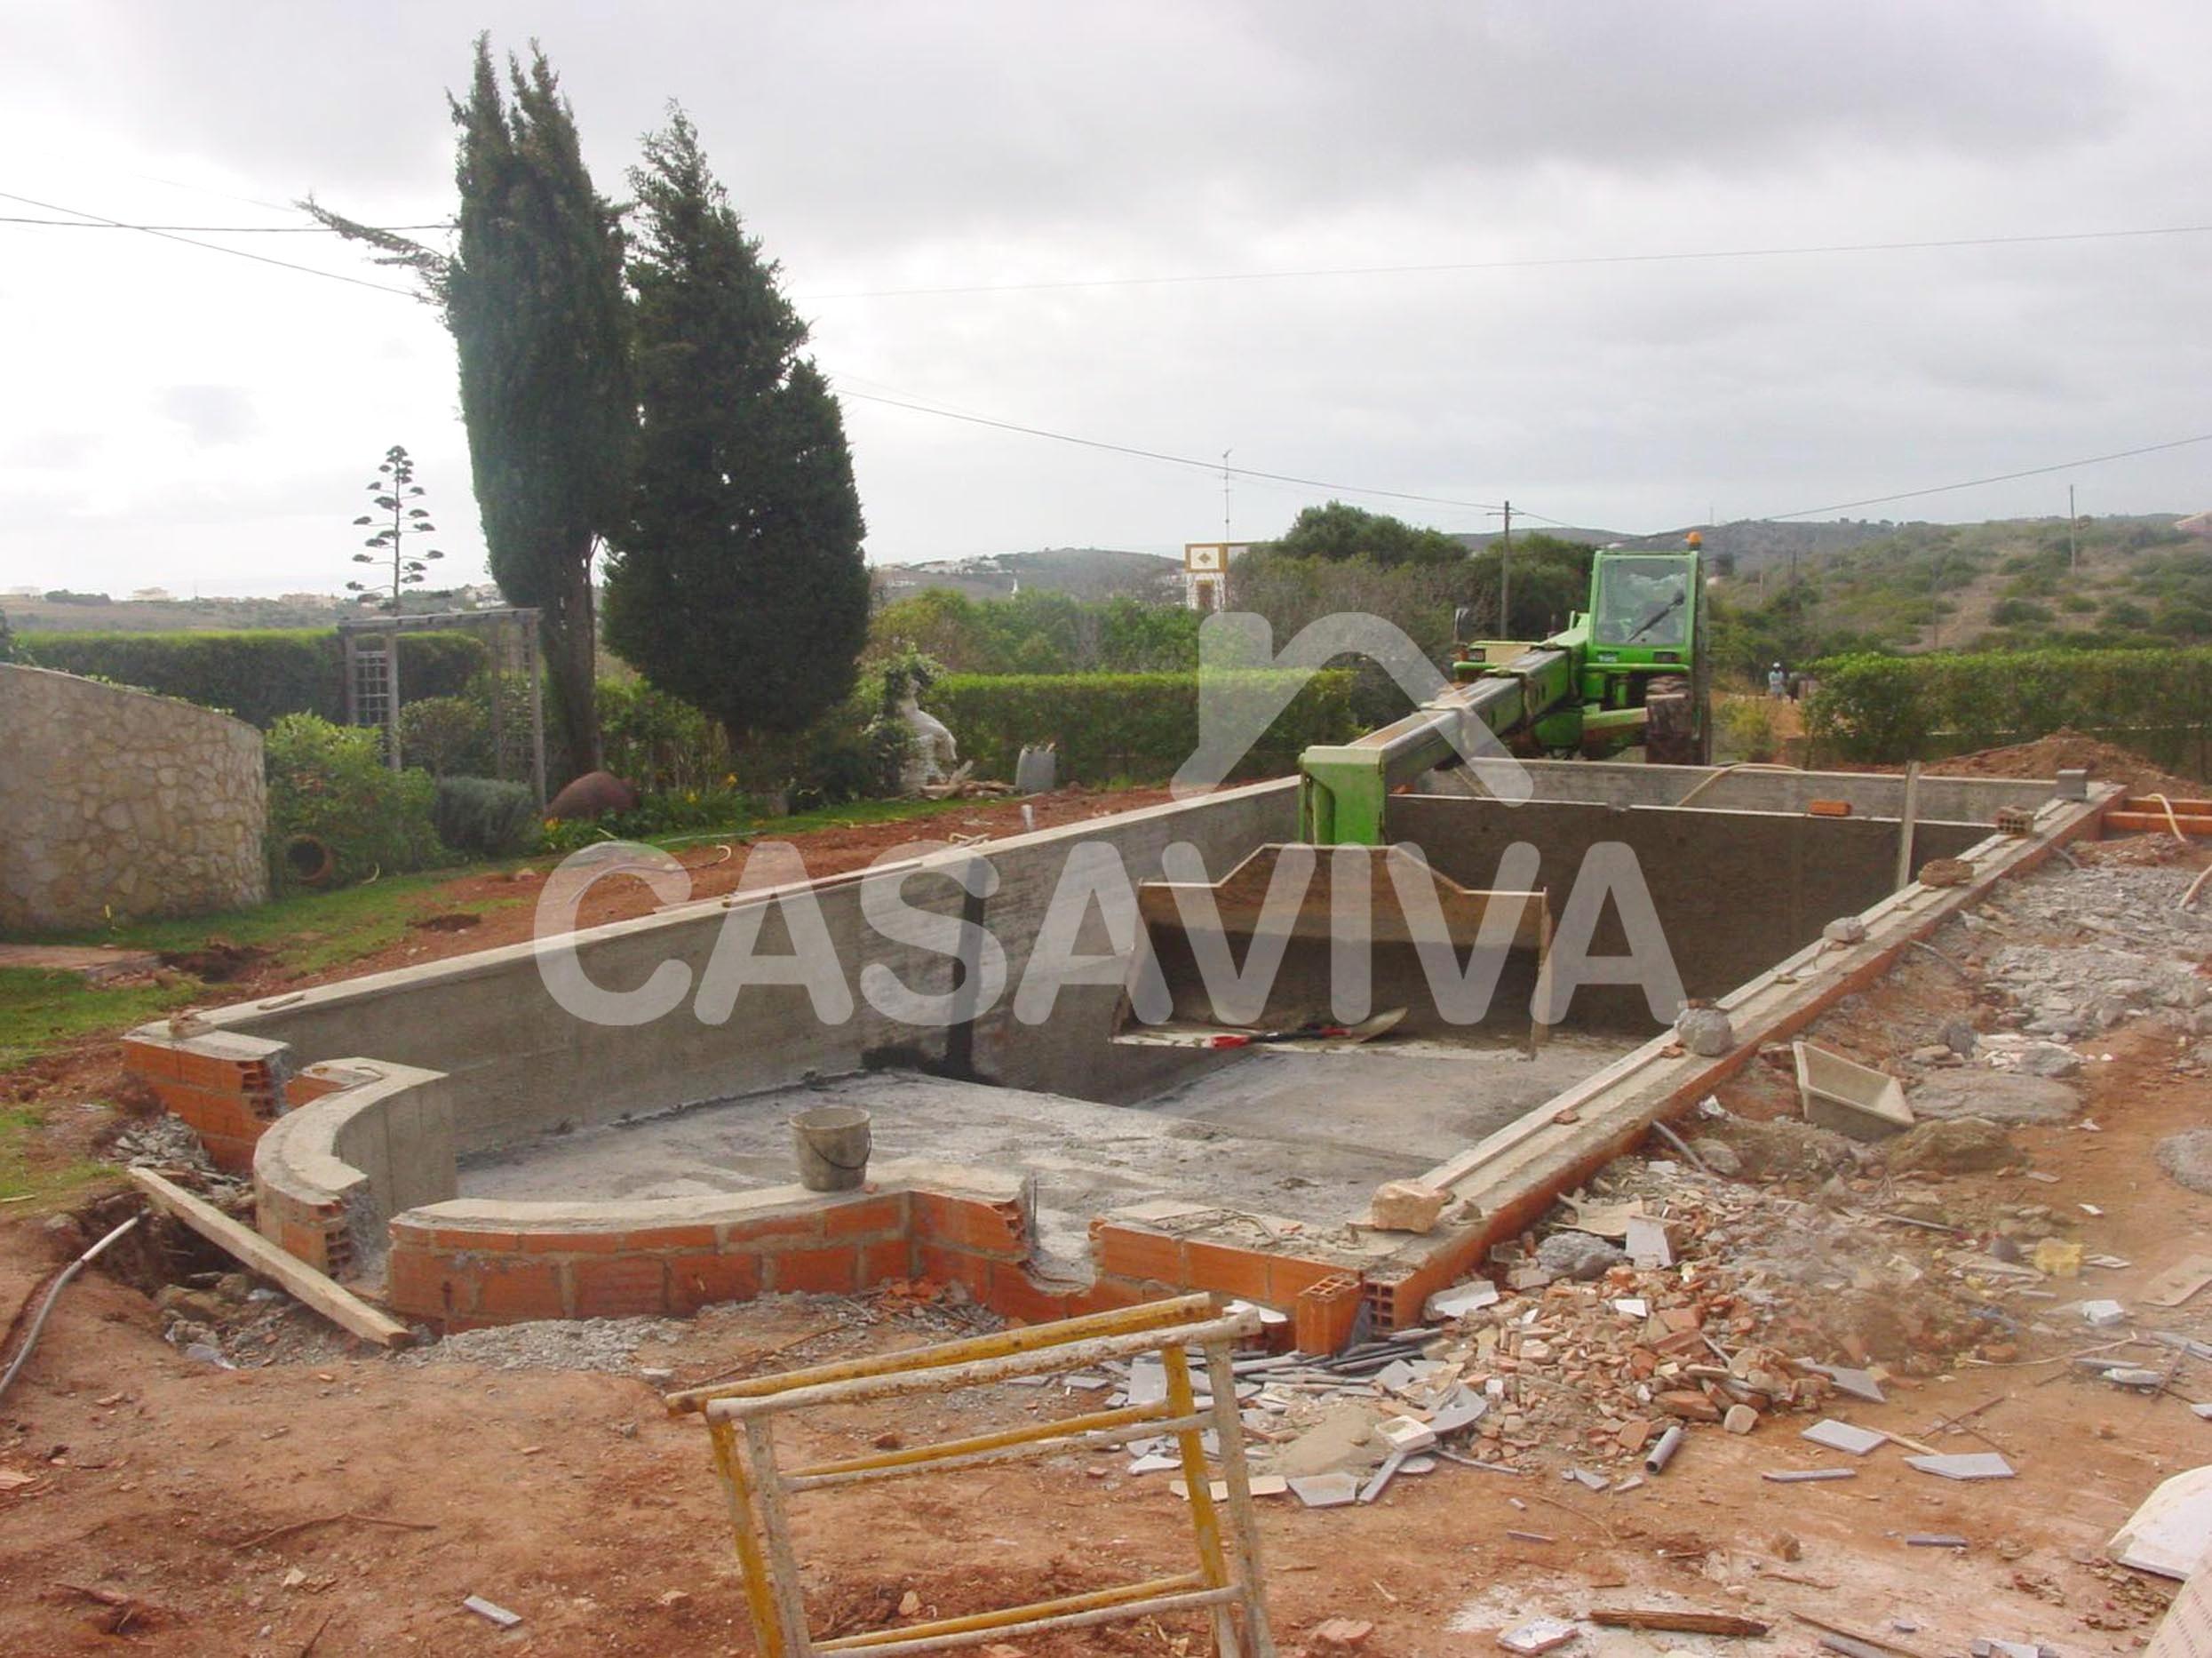 Portf lio impermeabiliza o com betonilha constru o de - Casa viva obras ...